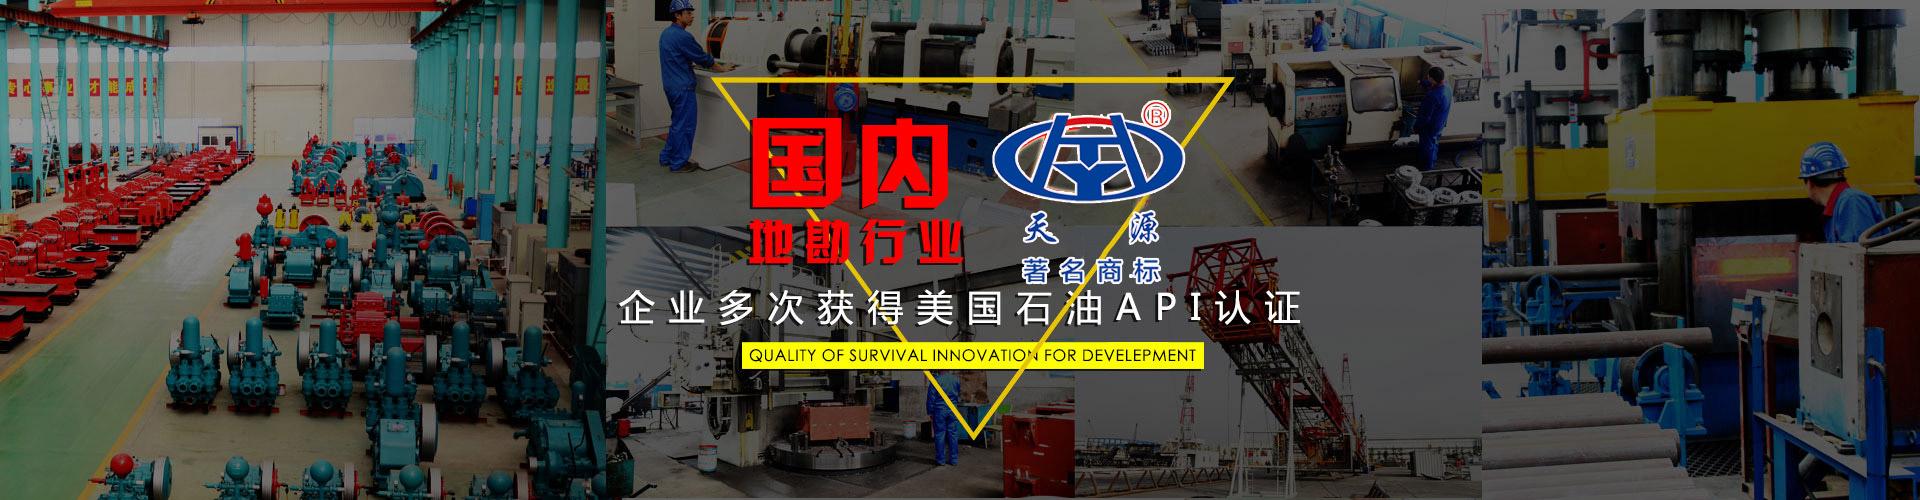 企业多次获得美国石油API认证